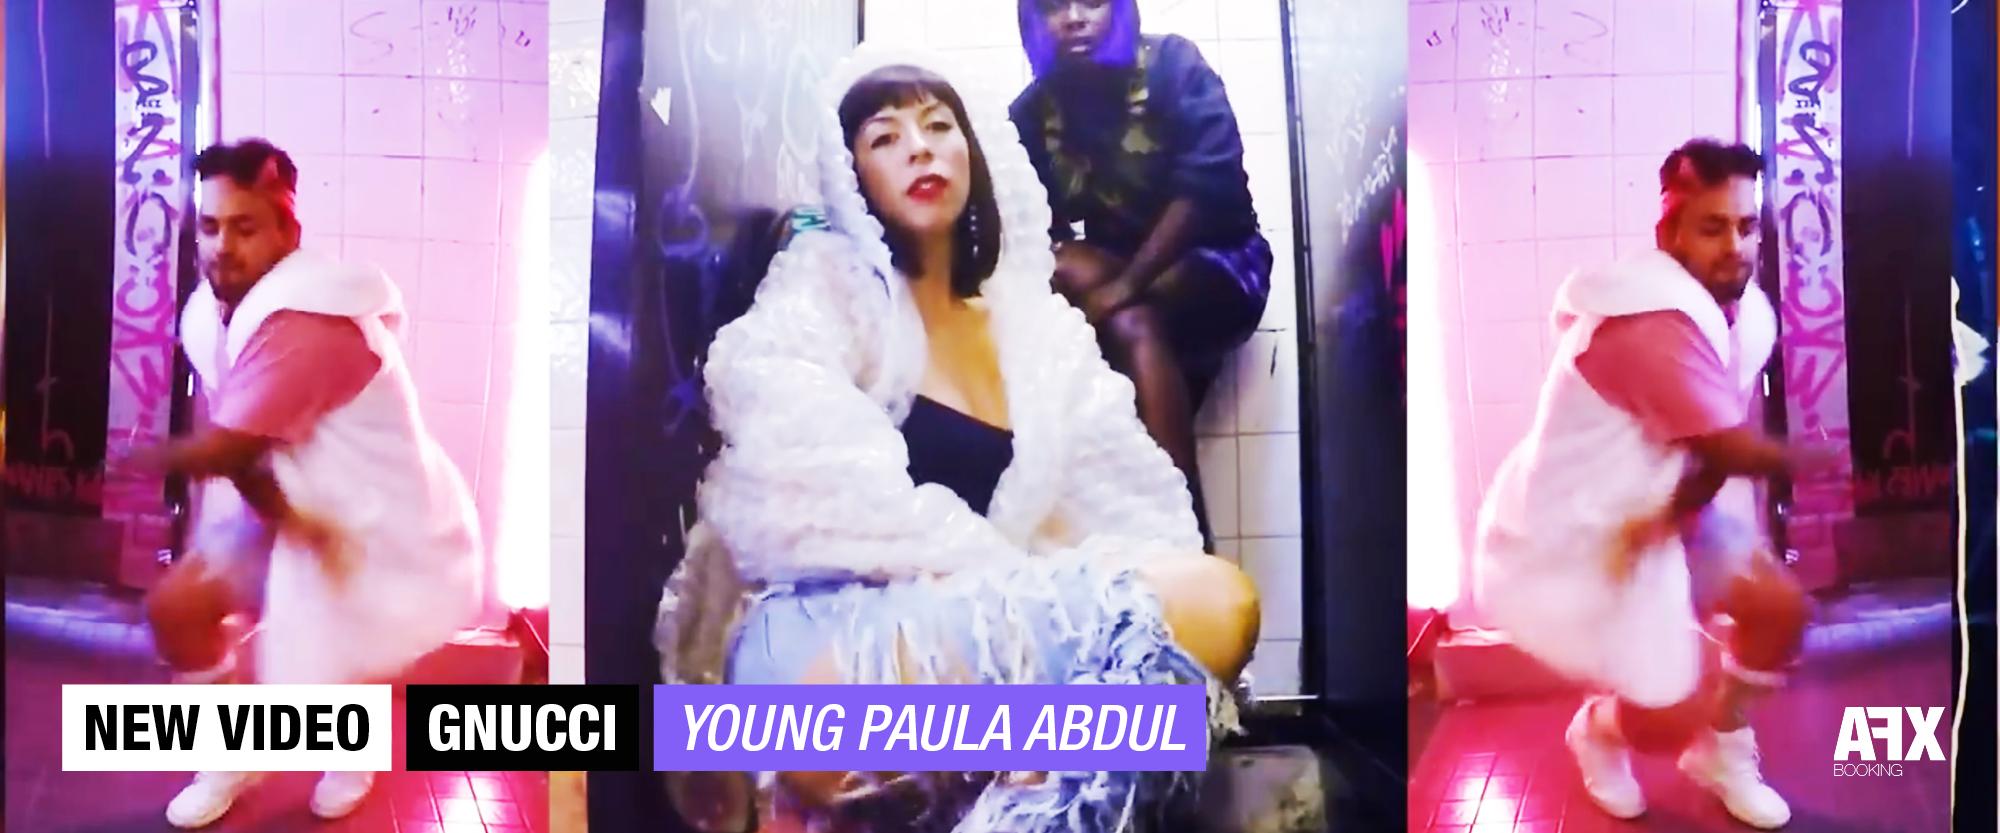 GNUCCI : NOUVELLE VIDEO «YOUNG PAULA ABDUL»